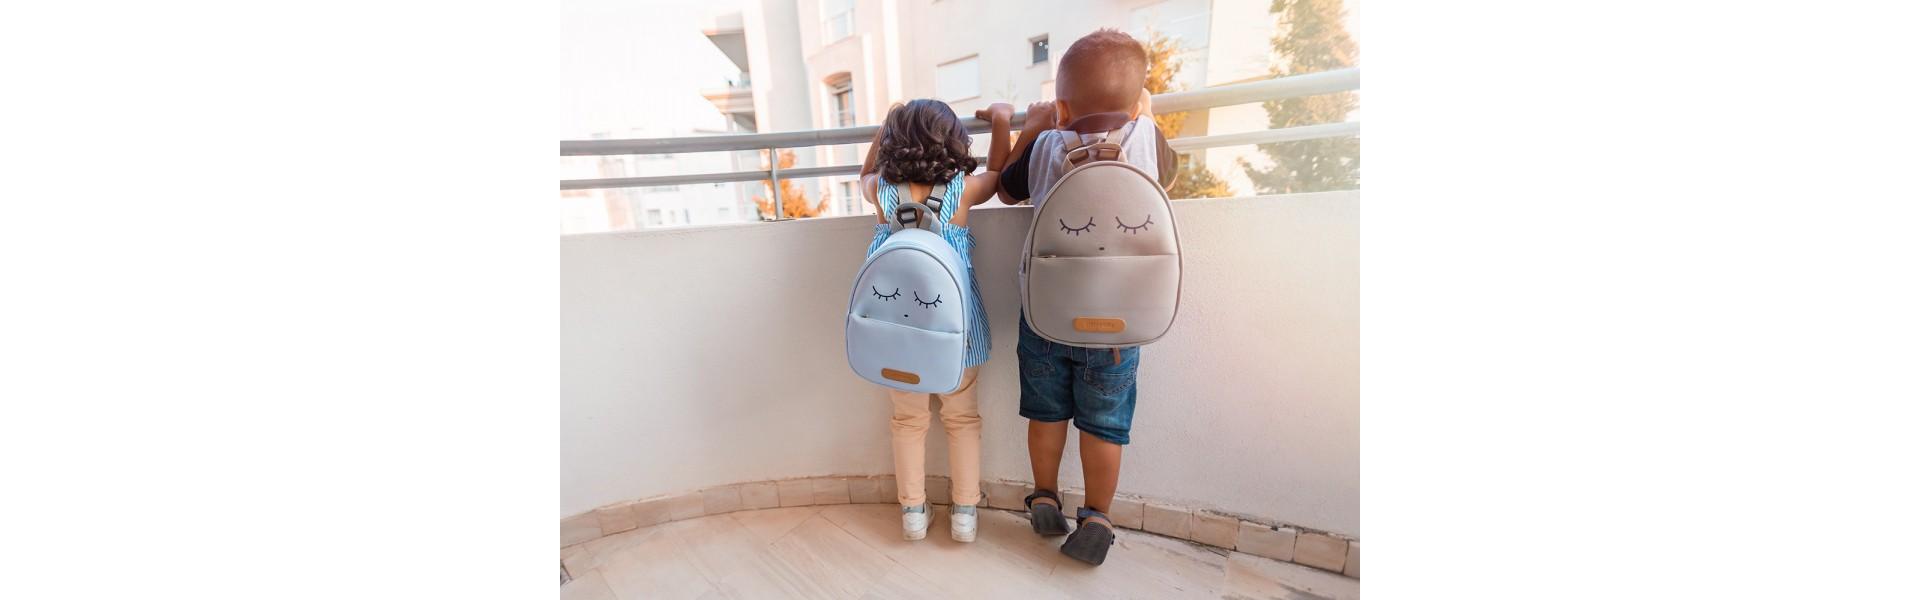 Articles pour la rentrée scolaire de votre enfant - Primanata